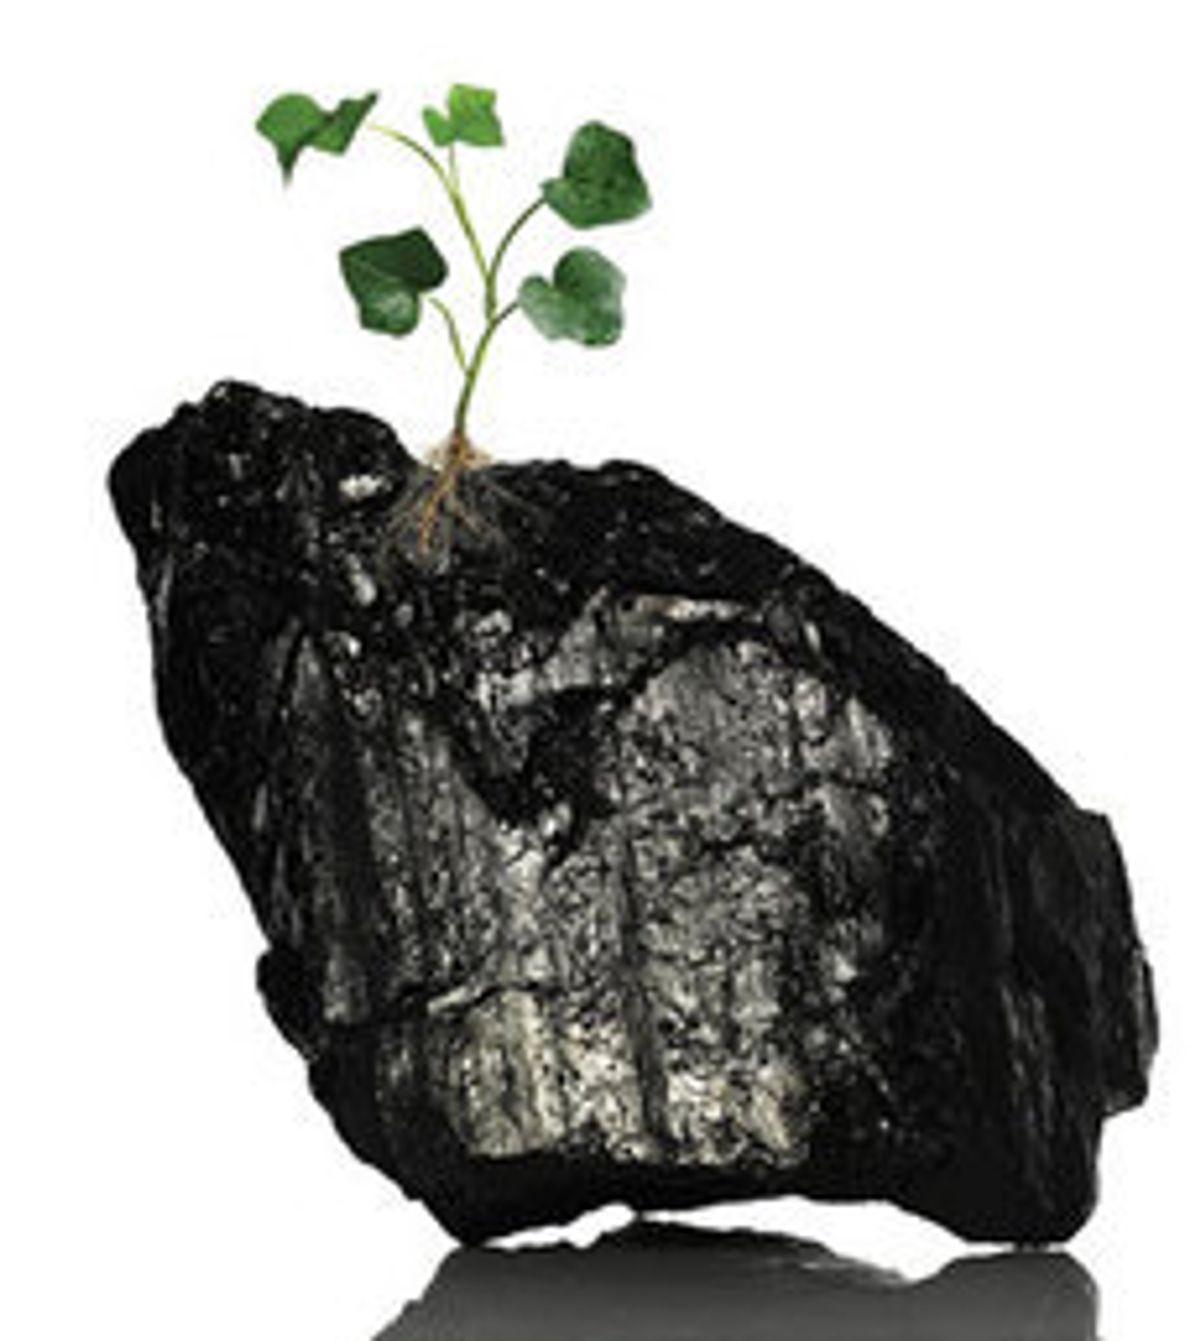 Carbon Capture Is Dead, Long Live Carbon Capture